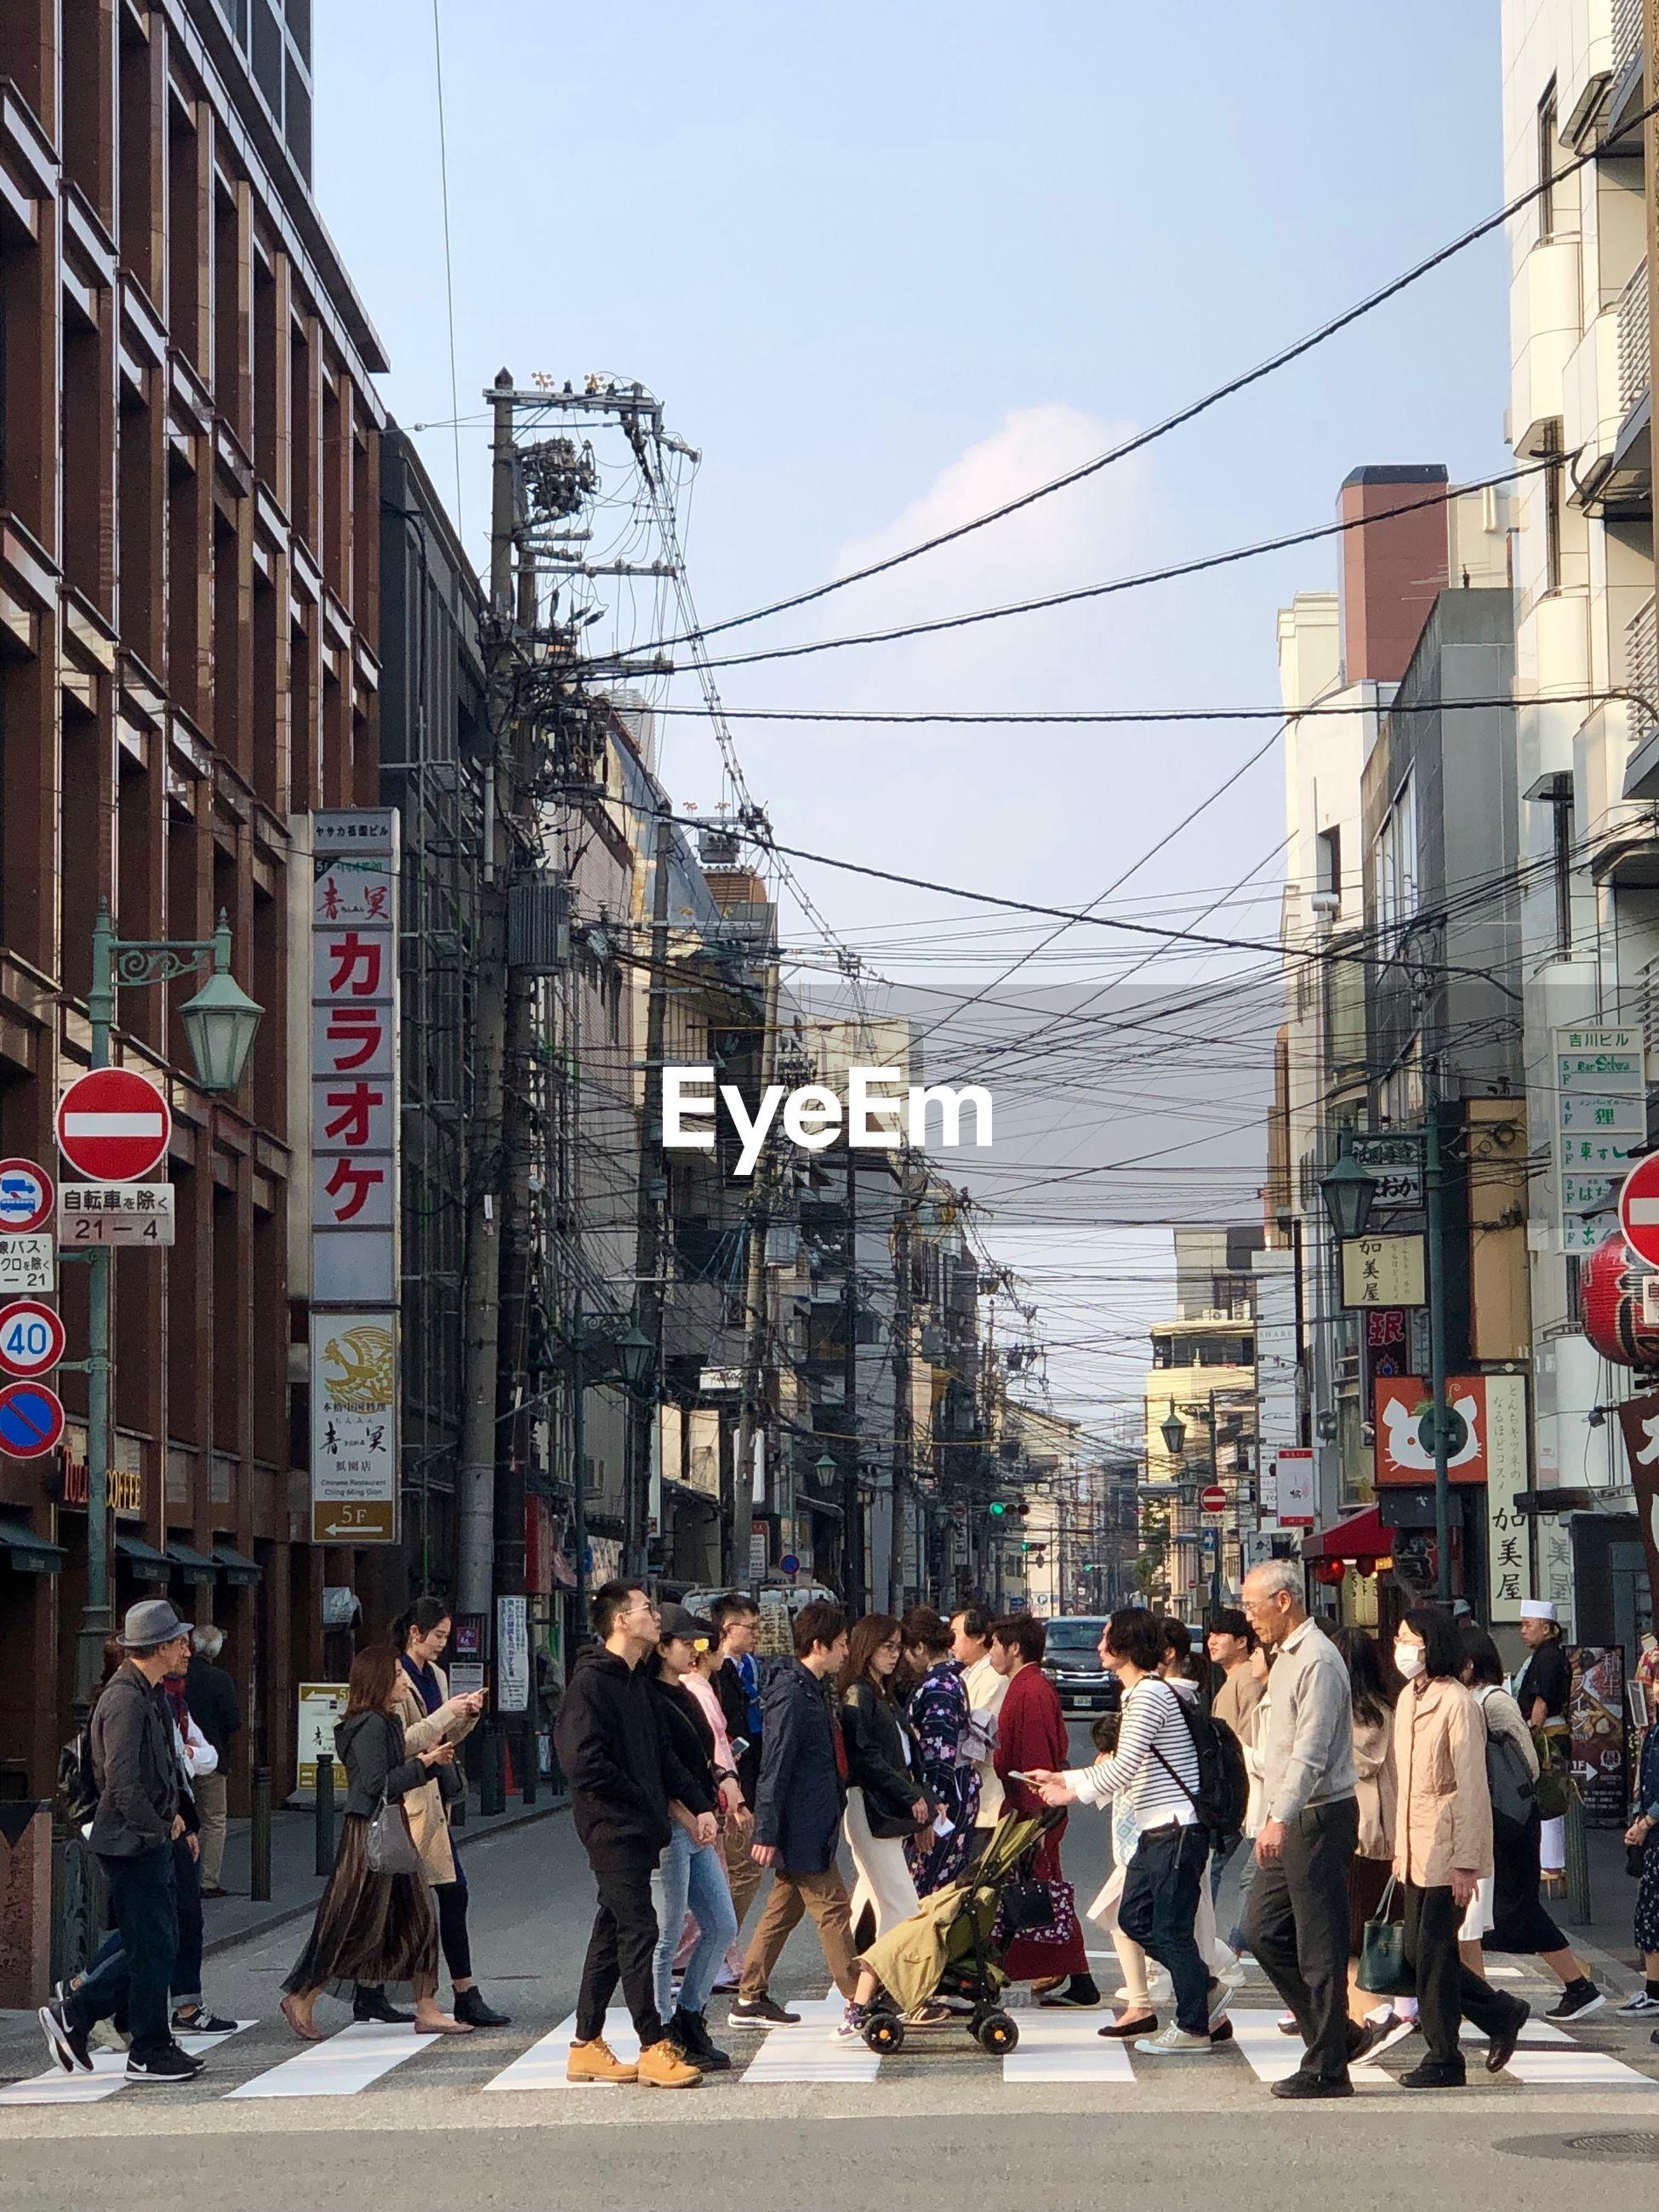 GROUP OF PEOPLE WALKING ON STREET AGAINST BUILDINGS